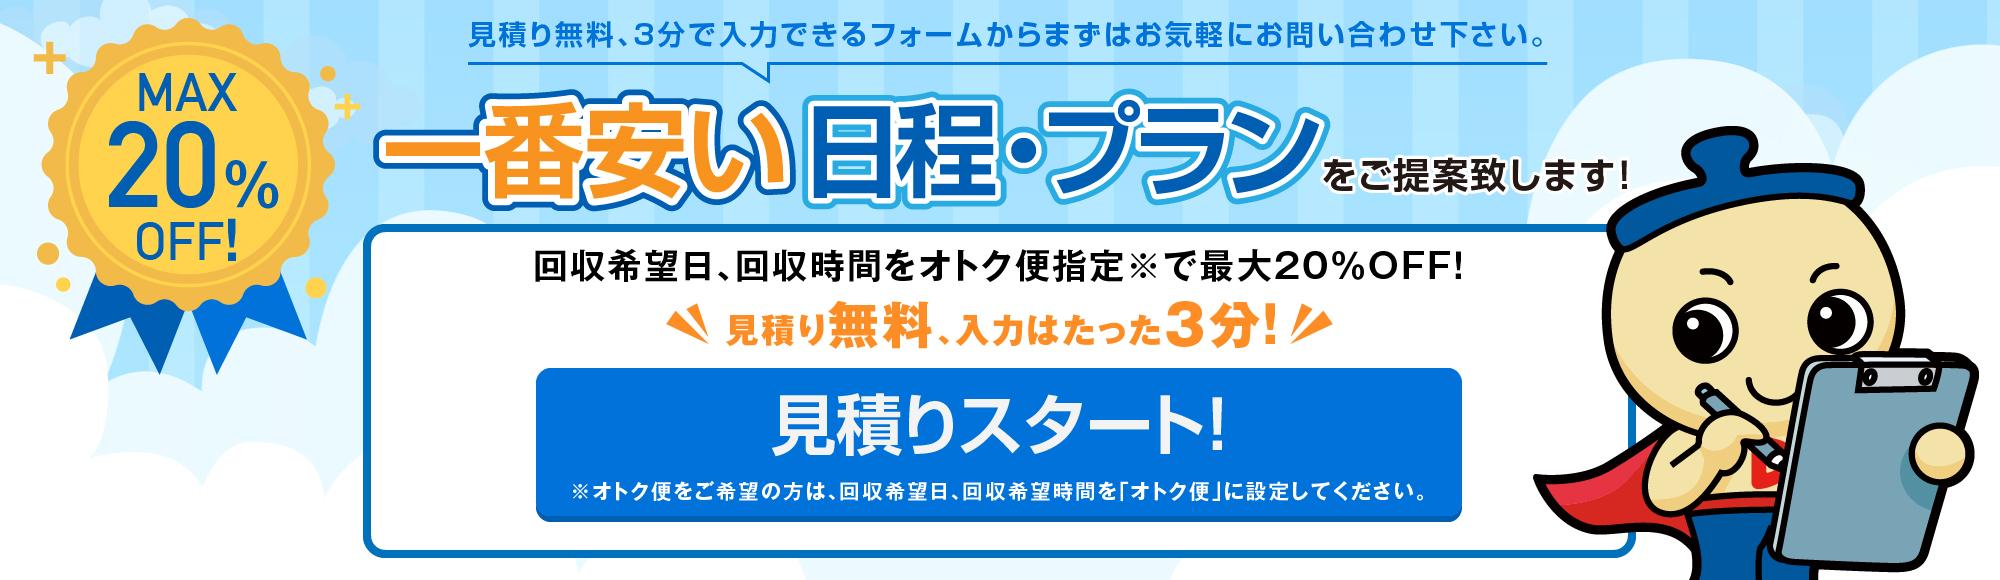 不用品回収は東京・神奈川エリアに強いダストマンにお任せください! オトク便